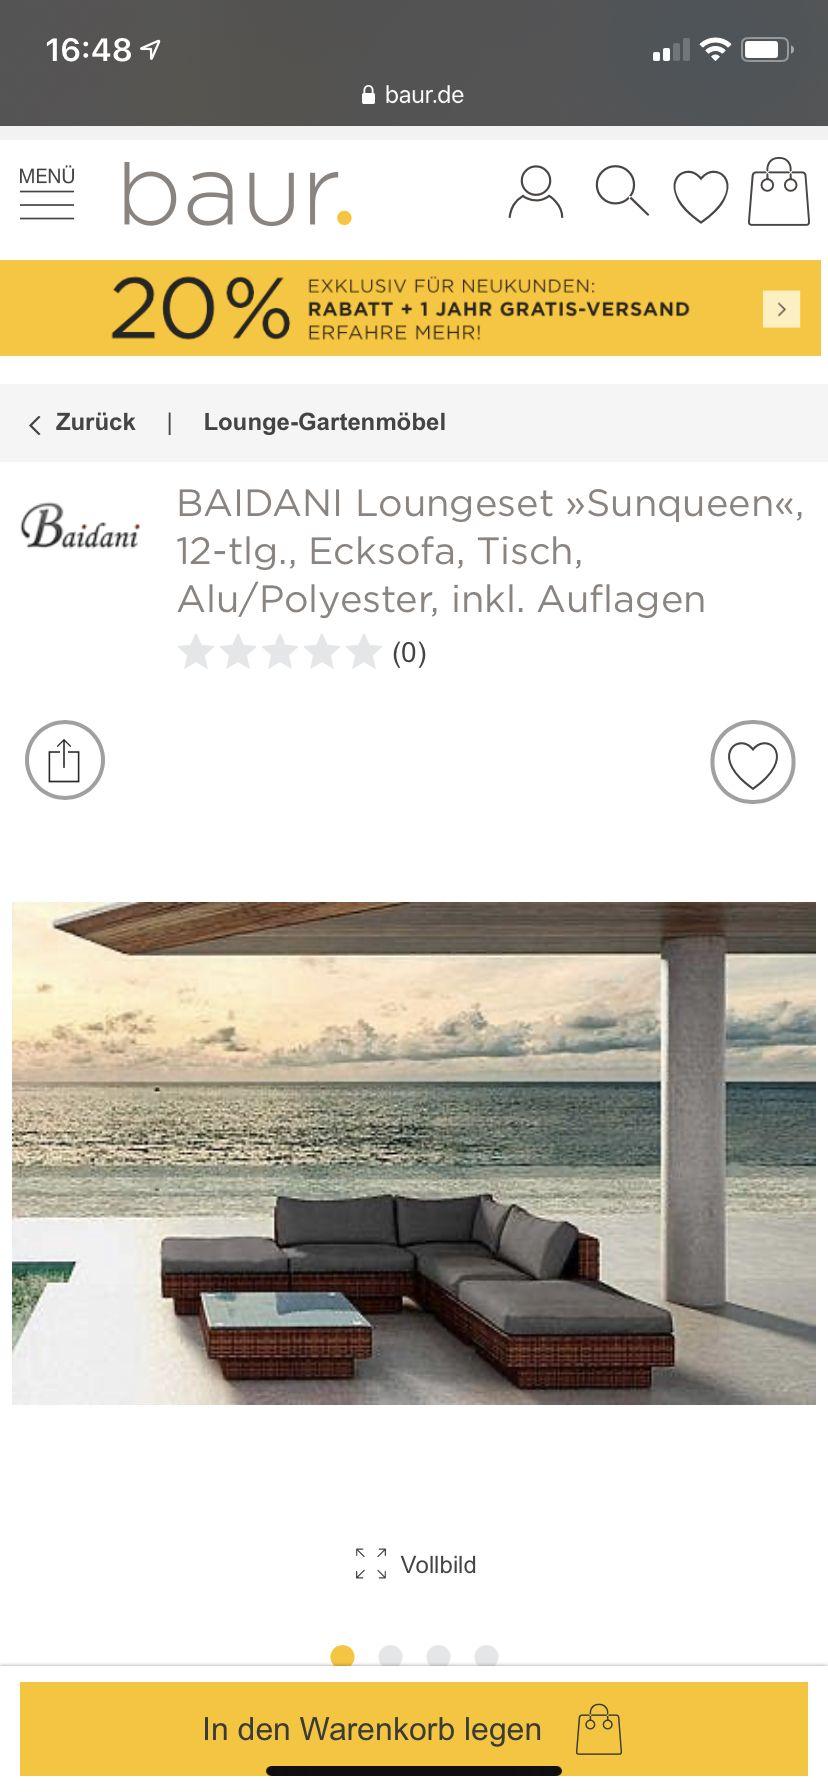 Pin Von Marco Vostell Auf Garten Lounge Möbel Loungemöbel Garten Garten Lounge Lounge Möbel